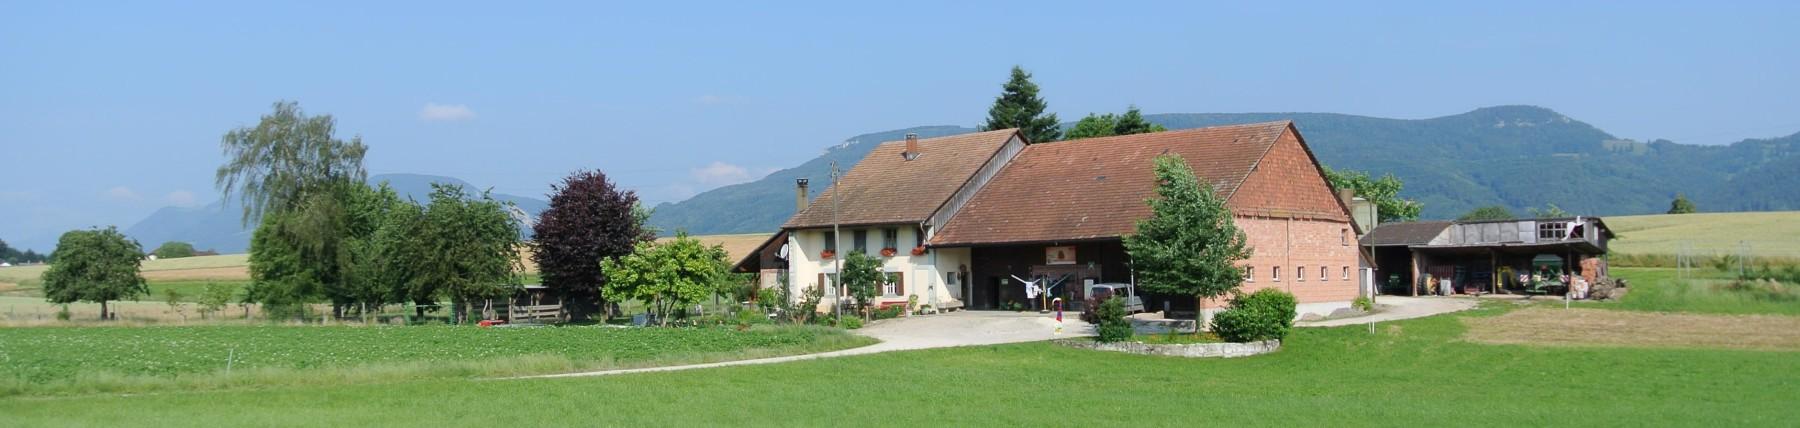 Moos Neuendorf